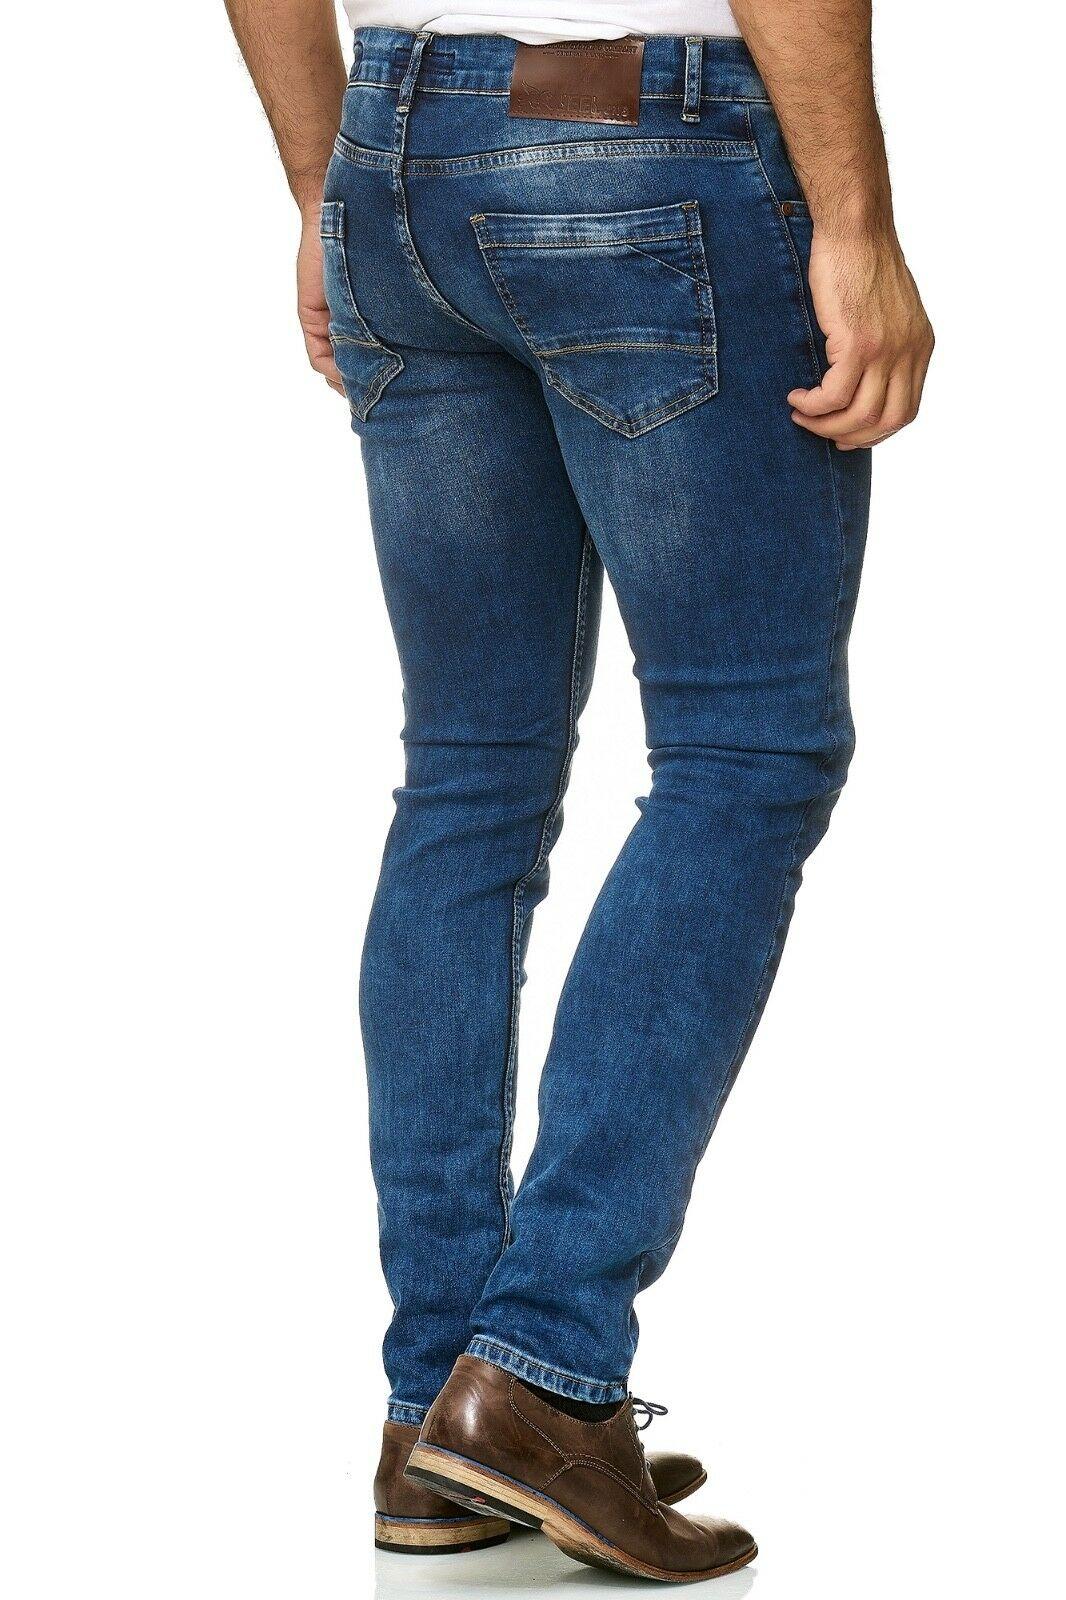 Herren-Jeanshosen-Stretch-Hose-Slim-fit-SKINNY-Jeans-Blau-Schwarz-Grau-Weiss Indexbild 42